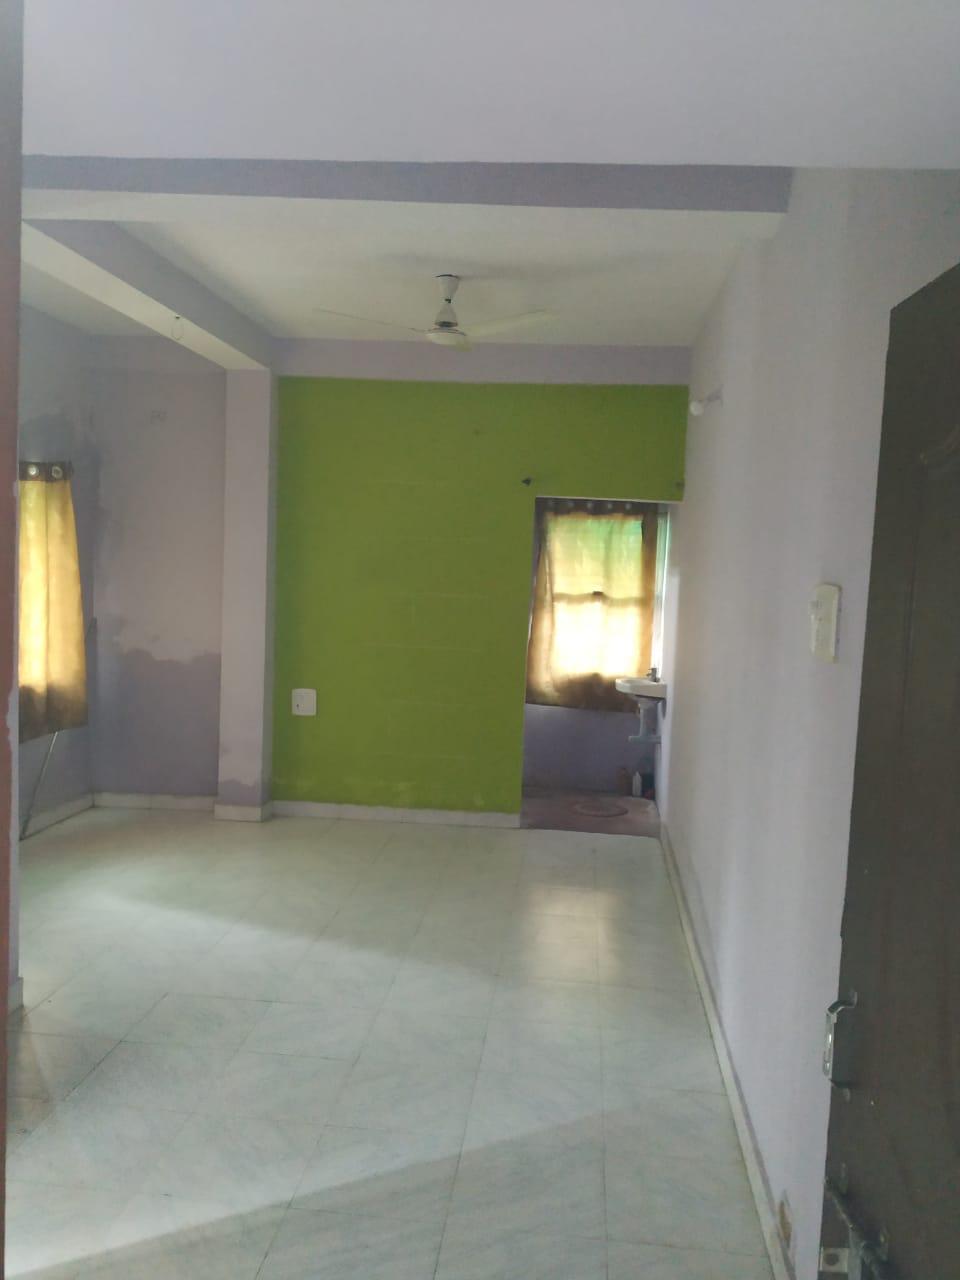 Flat in Ram Nagar